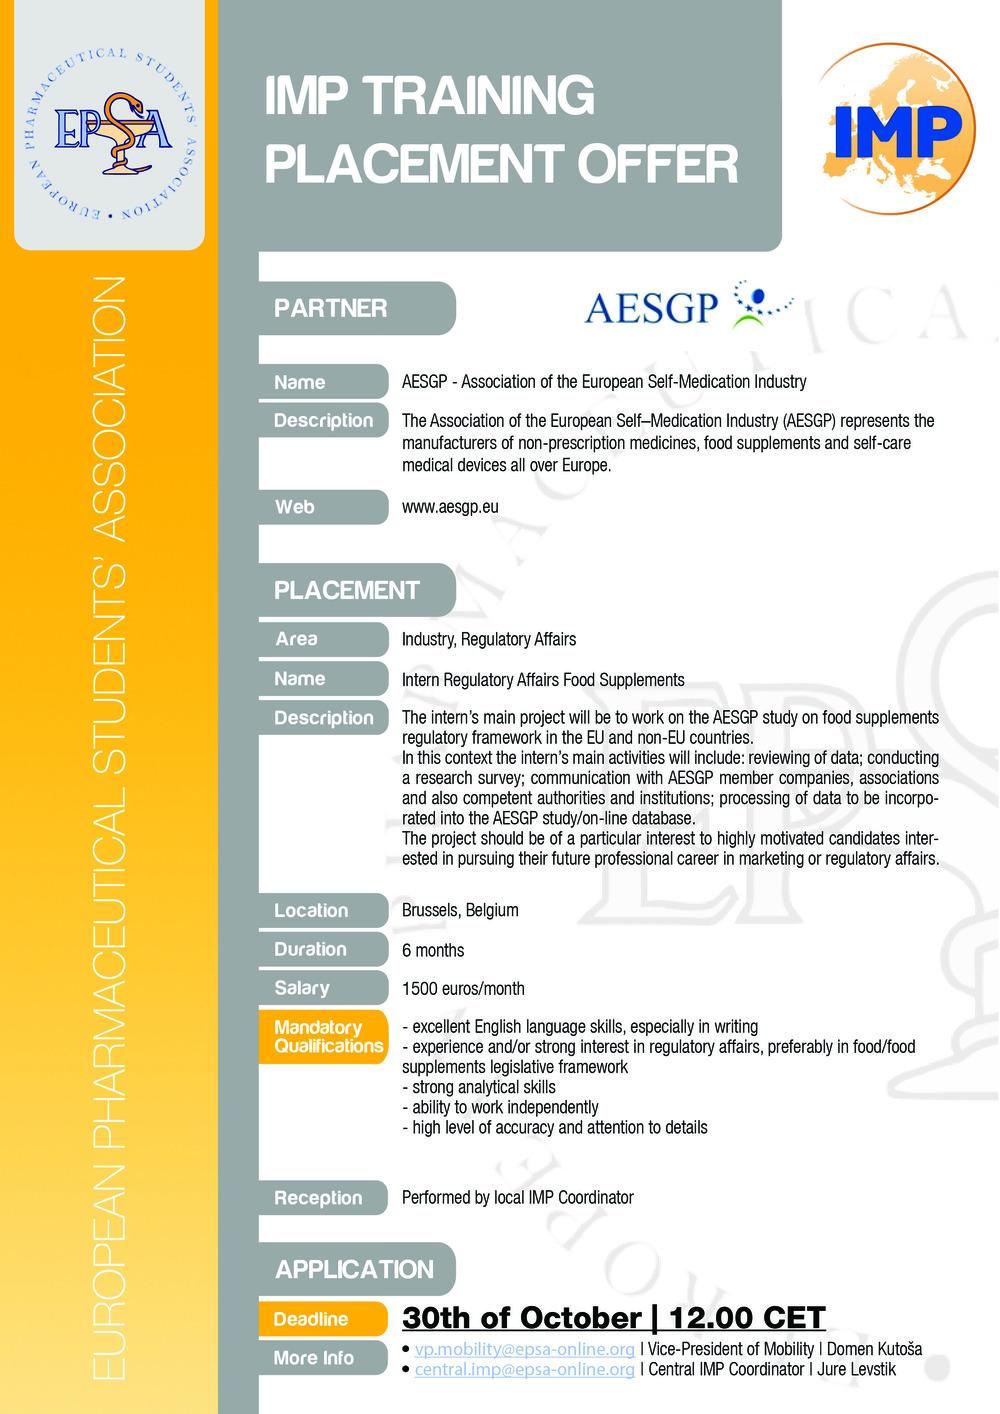 IMP_AESGP.jpg